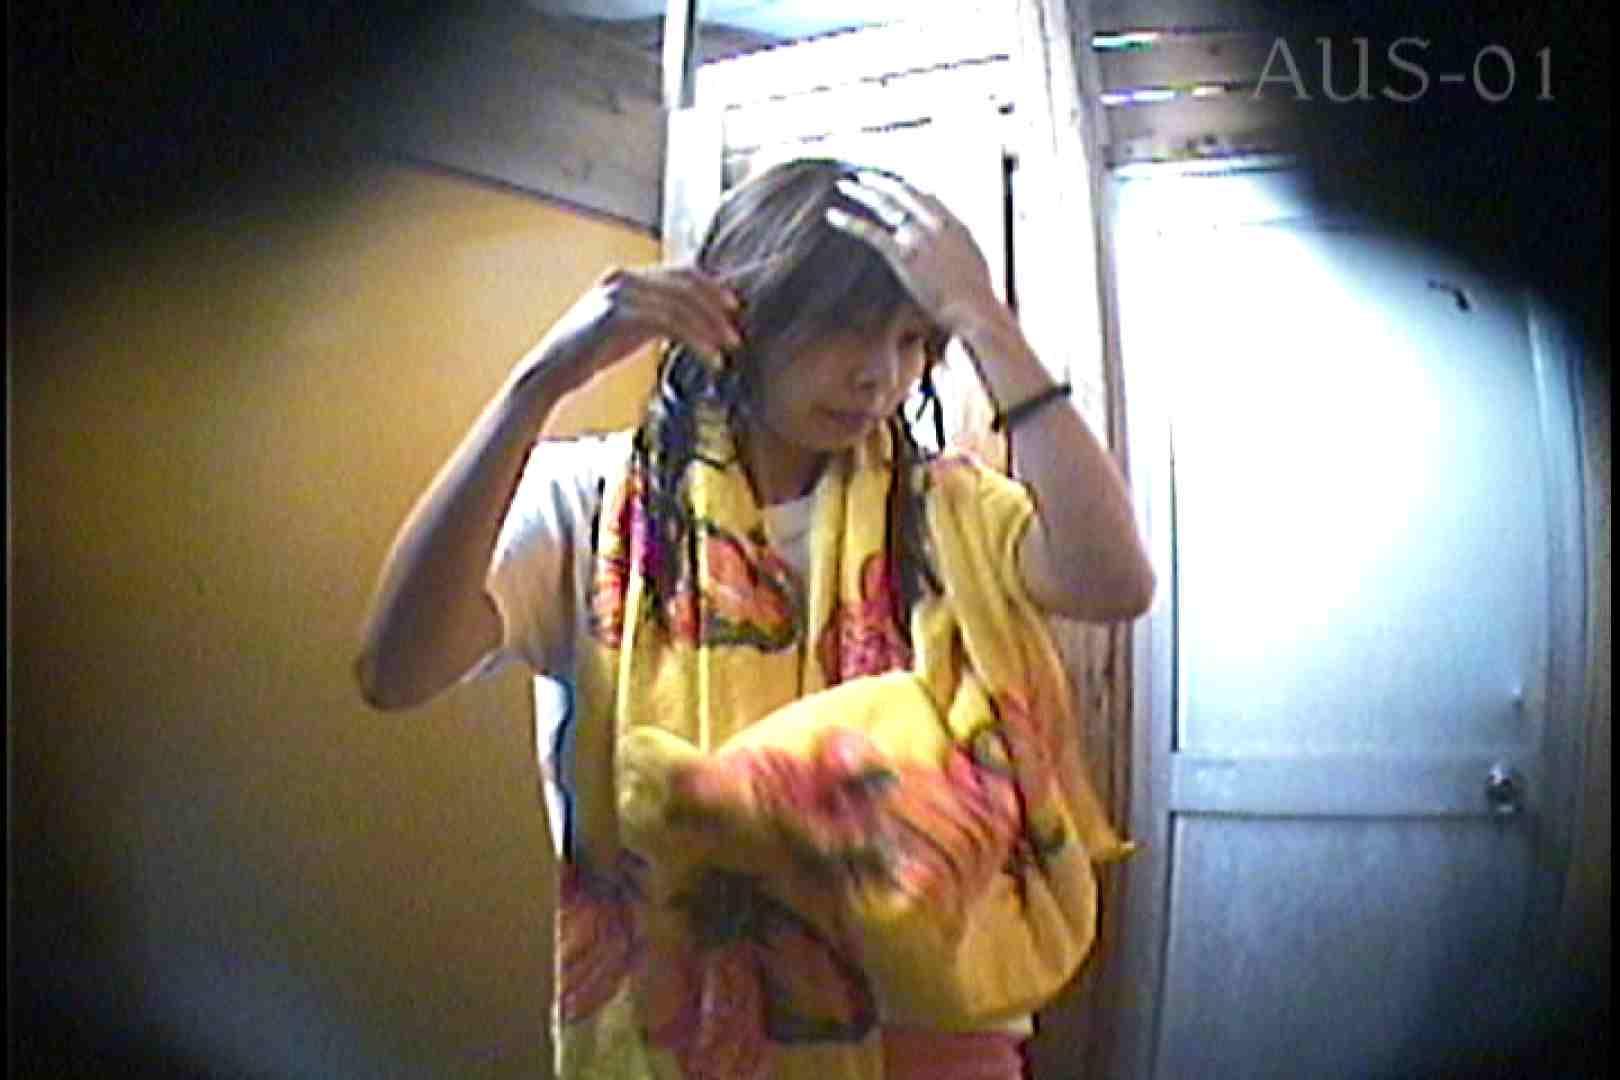 海の家の更衣室 Vol.01 シャワー   HなOL  88pic 16